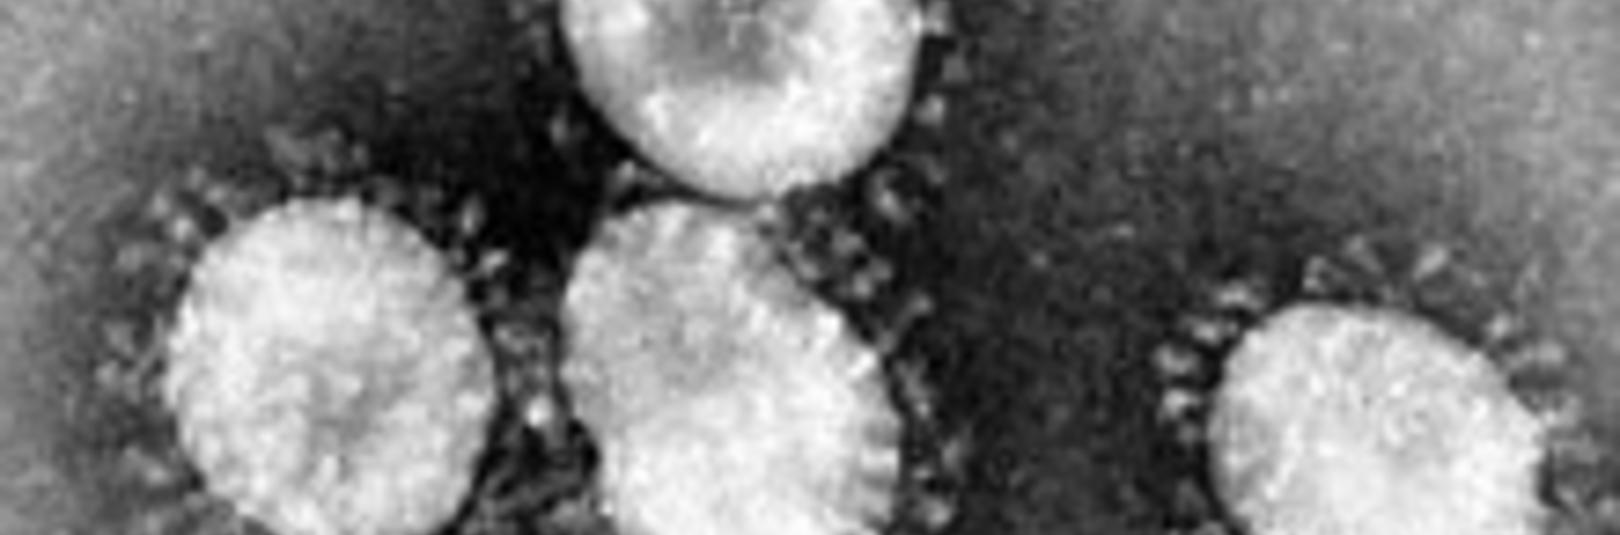 Rafeindasmásjármynd af kórónuveirunni SARS-CoV-2 sem veldur sjúkdómnum COVID-19. Mynd/Wikipedia Commons (sótt 19.03.2020)